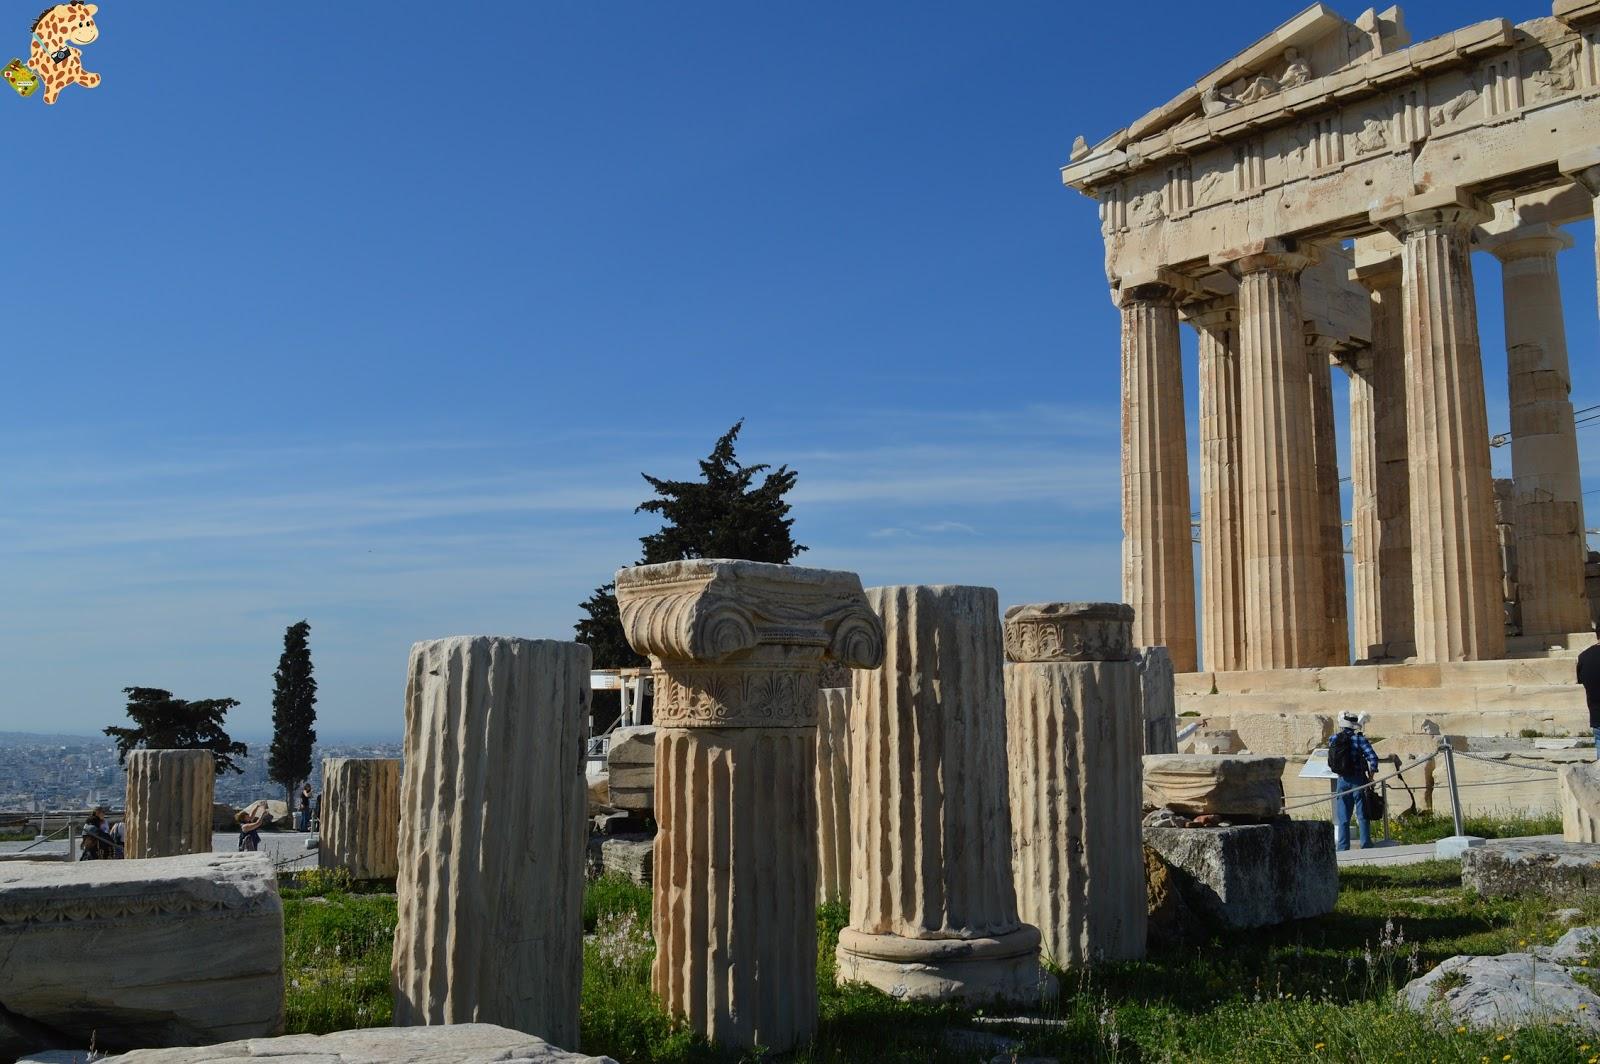 quC3A9verenAtenasen2dC3ADas281229 - Atenas en dos días, qué ver en la capital griega